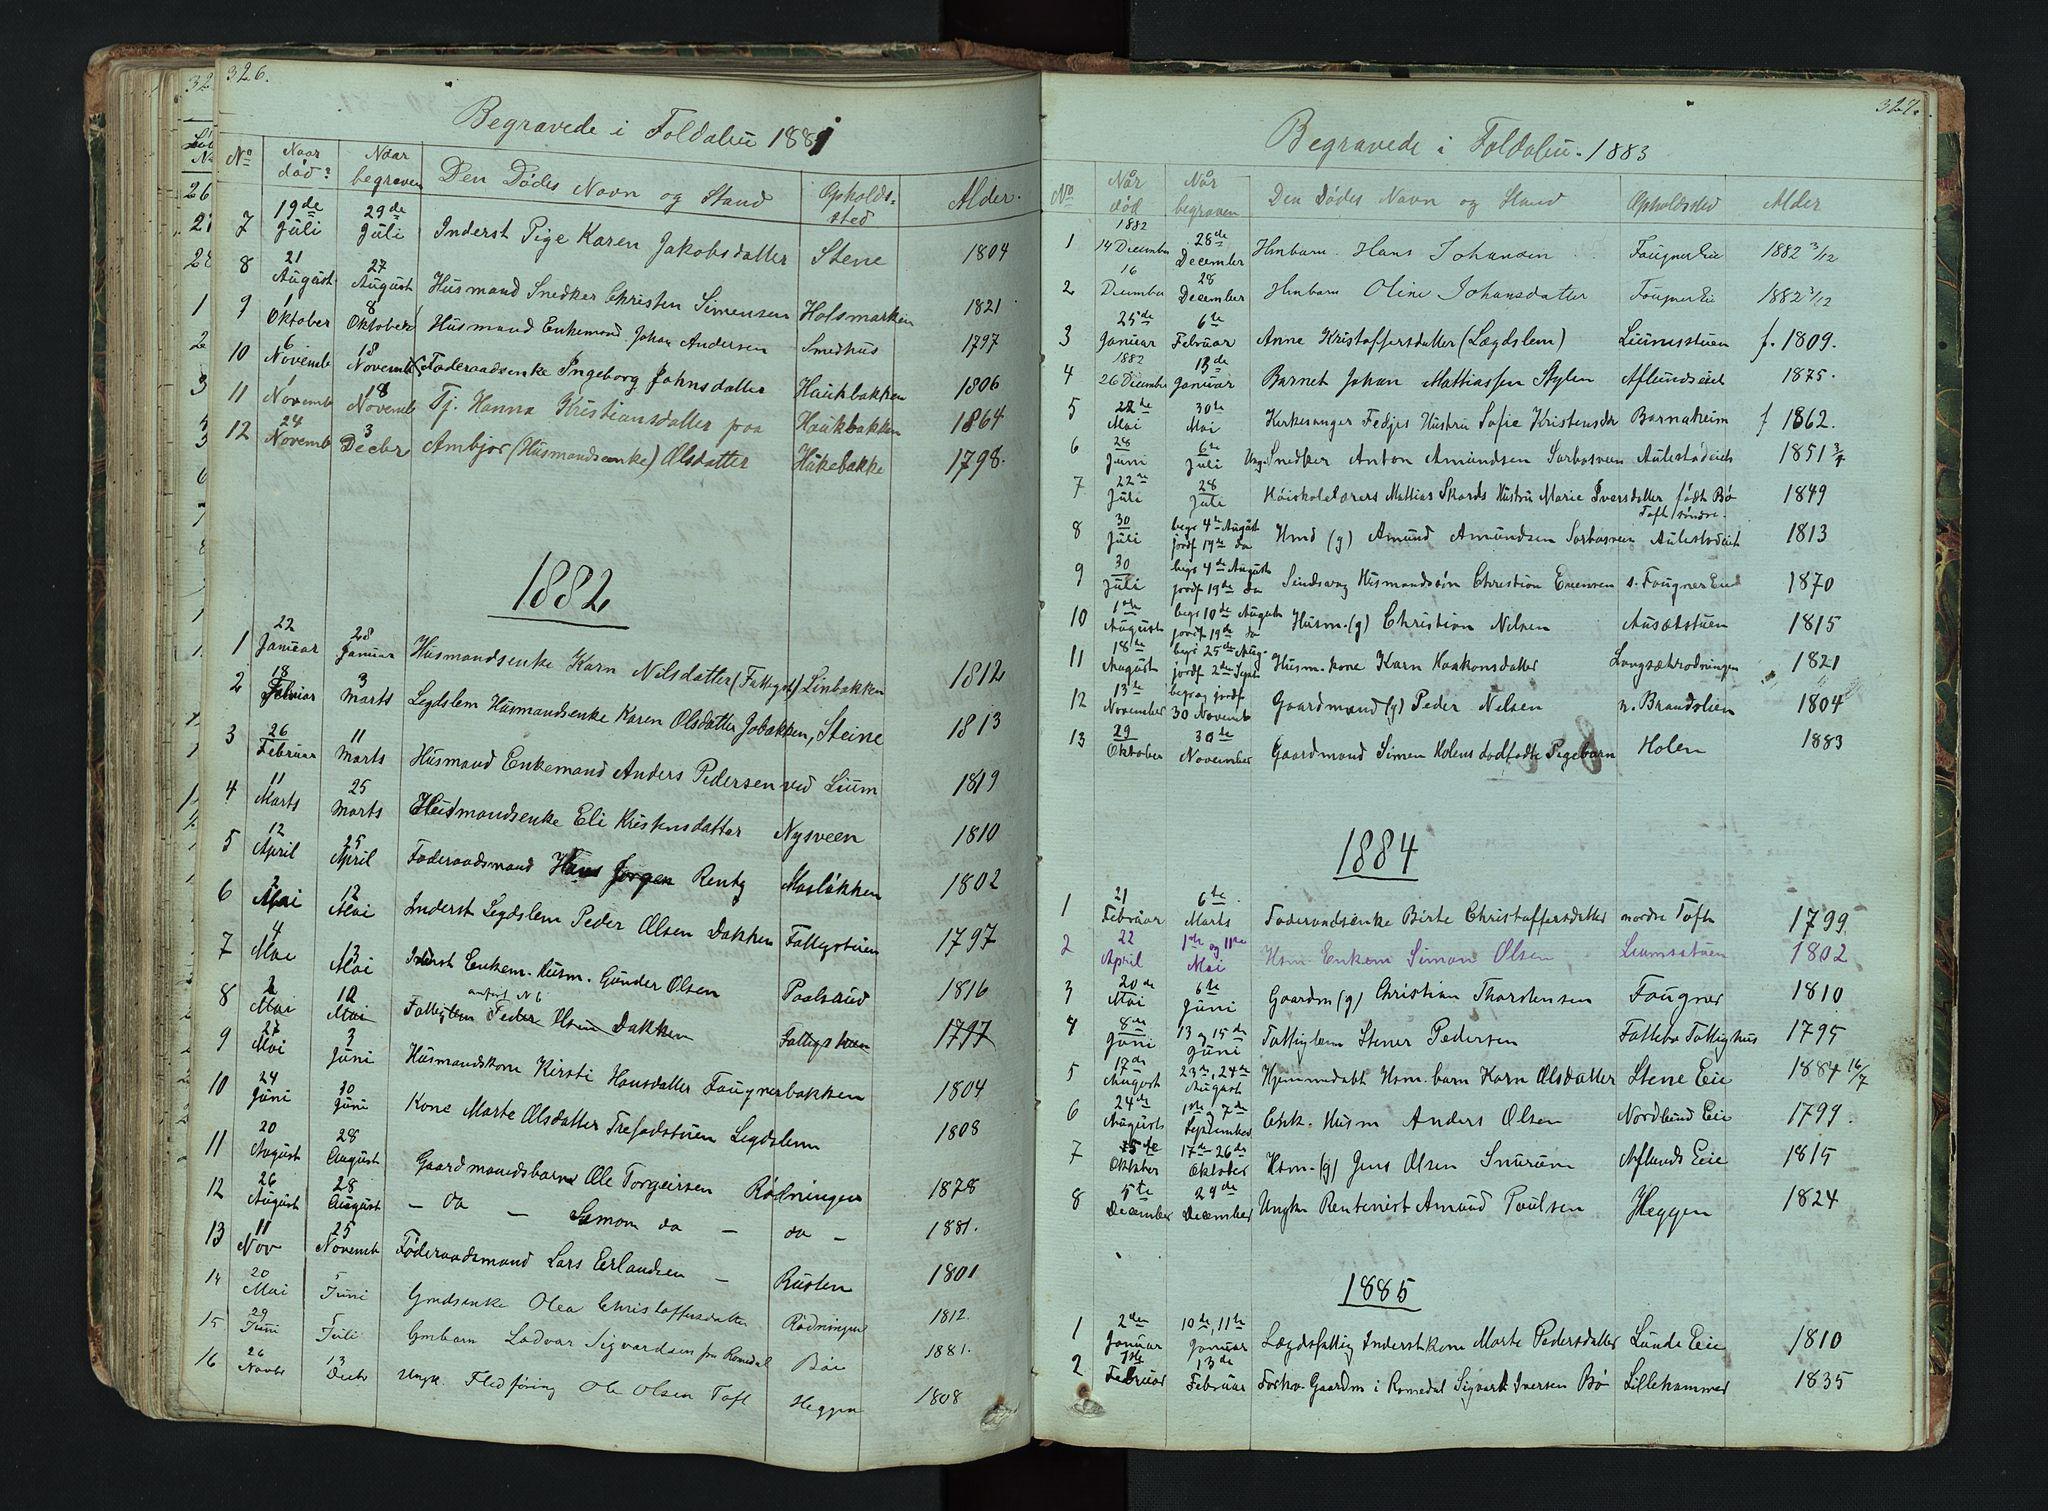 SAH, Gausdal prestekontor, Klokkerbok nr. 6, 1846-1893, s. 326-327